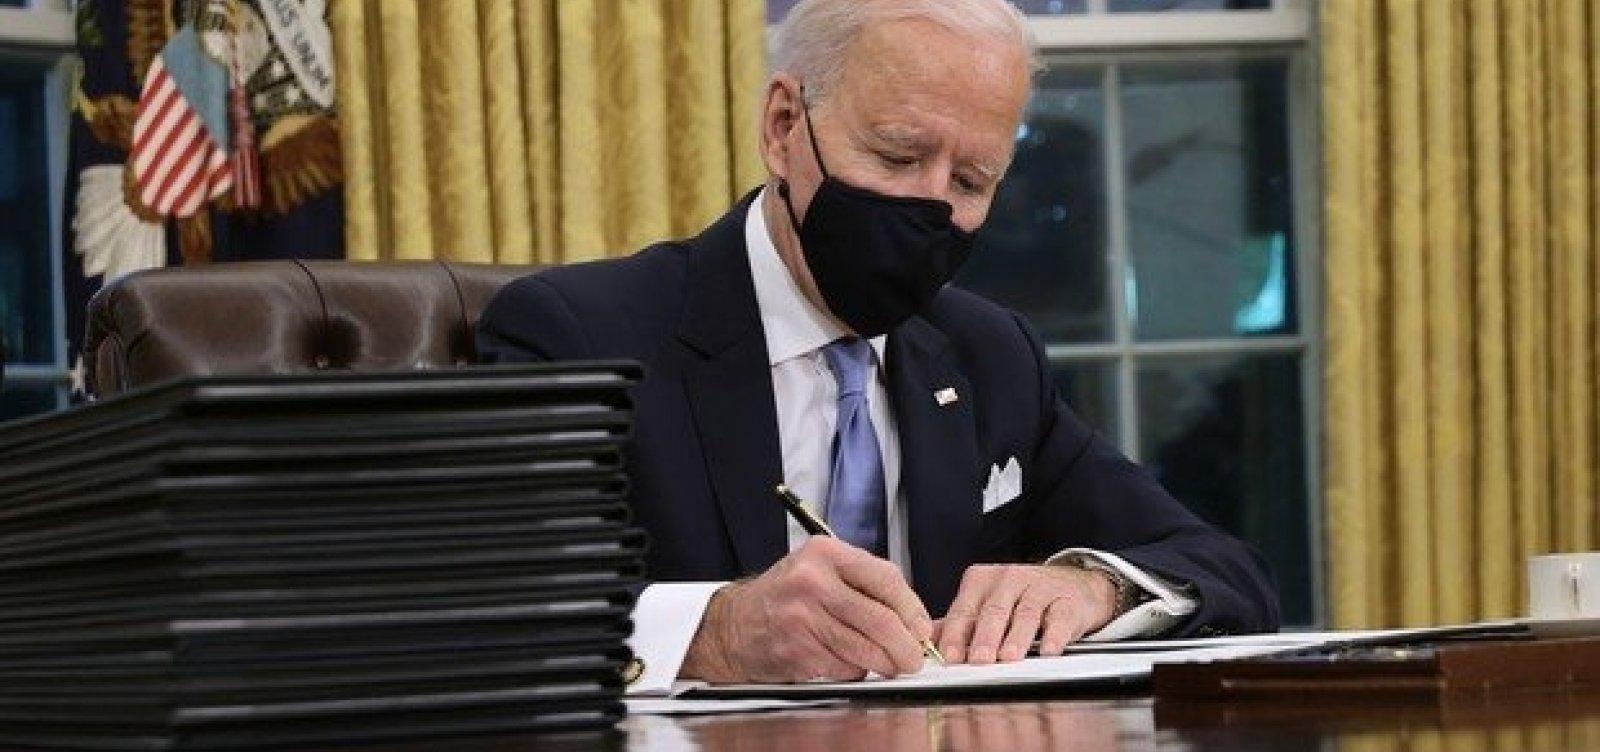 [Biden recebe dossiê que recomenda suspensão de acordos entre EUA e governo Bolsonaro]